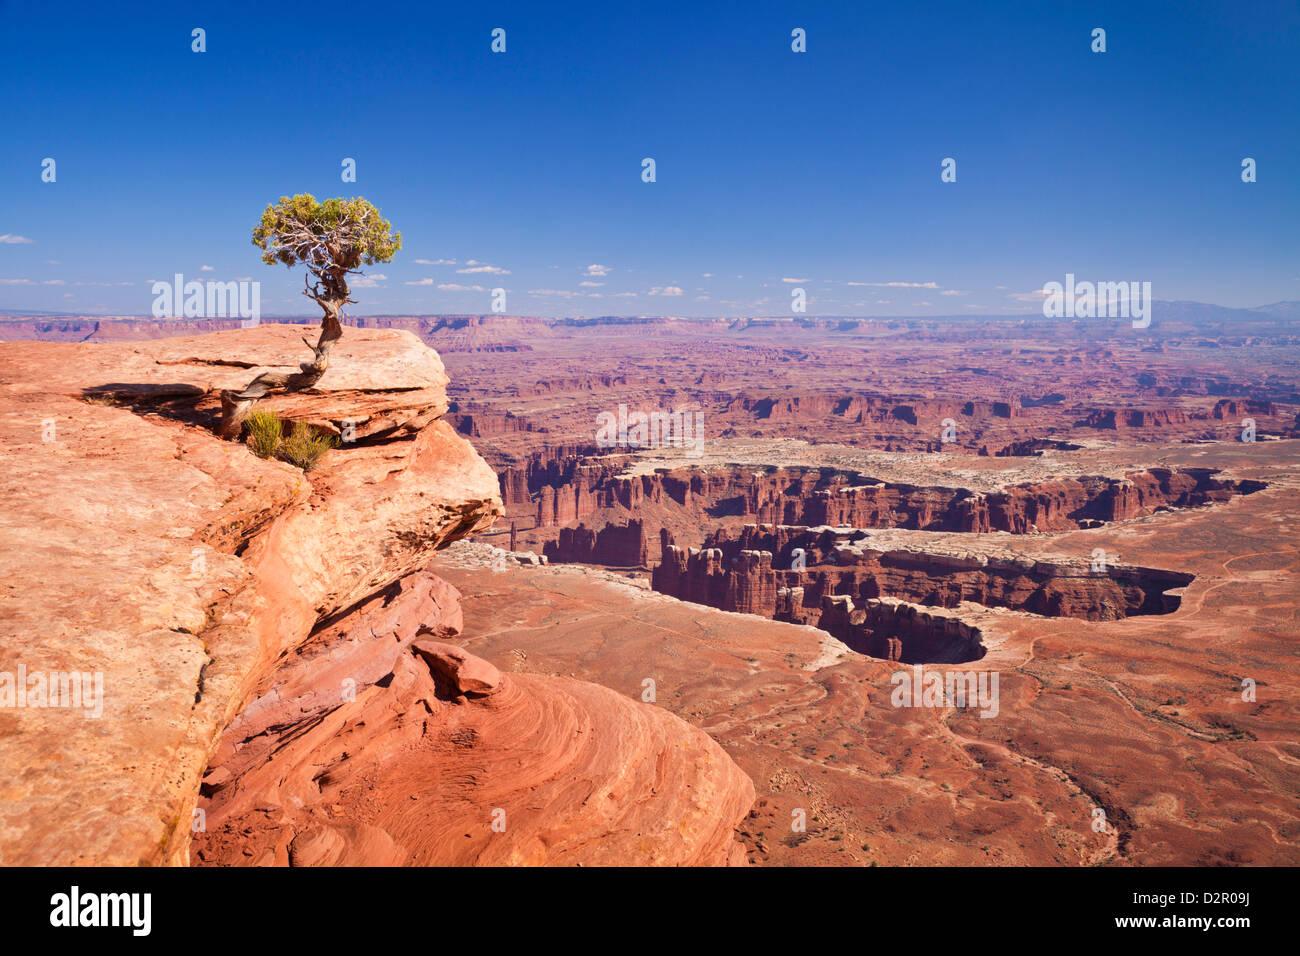 Grand View Point vistas y enebro, árbol de la isla en el cielo, el Parque Nacional Canyonlands, en Utah, EE.UU. Imagen De Stock